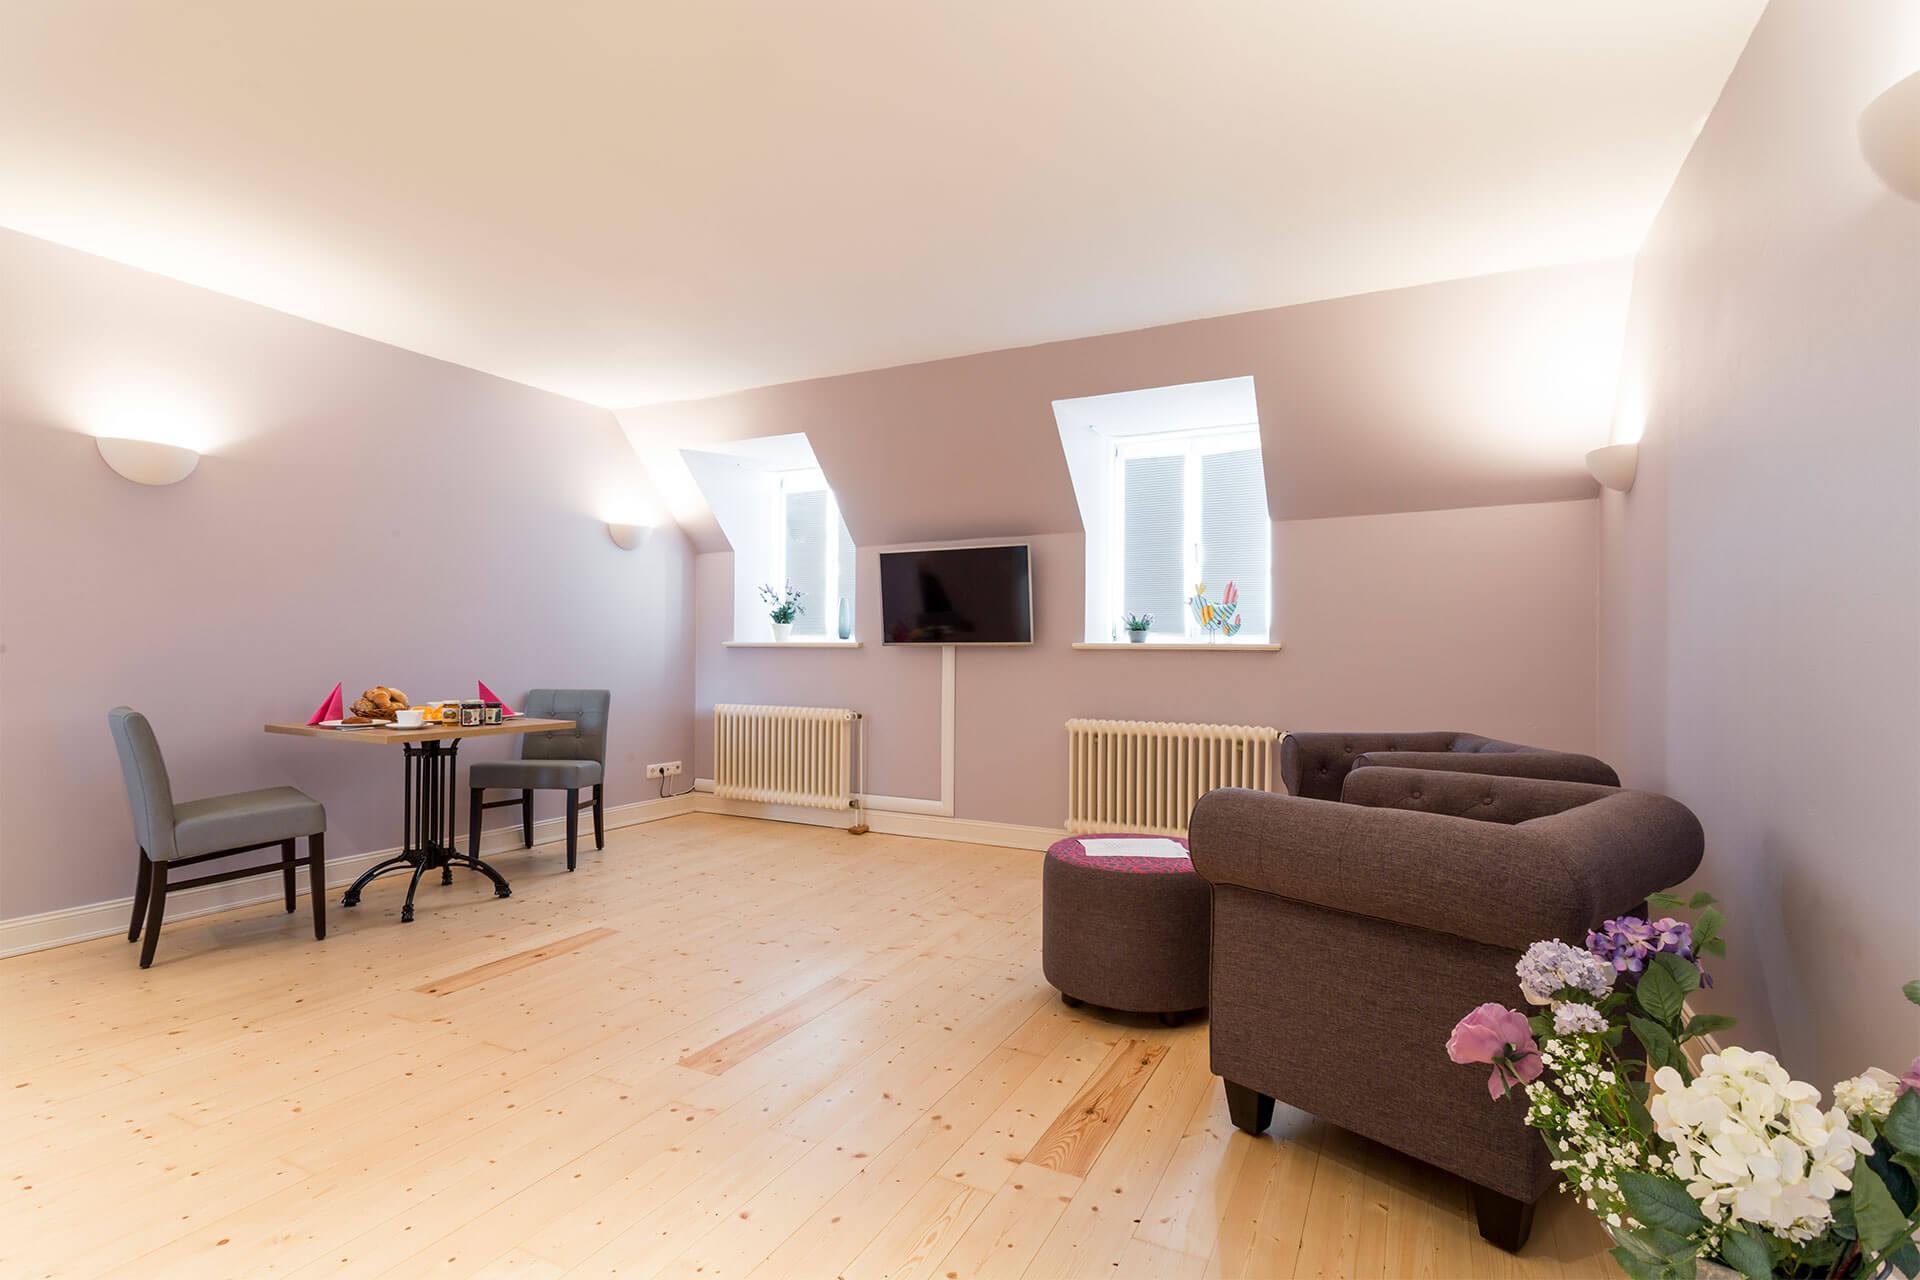 Der Wohnbereich mit Esstisch und Stühlen sowie Fernseher und Sesseln